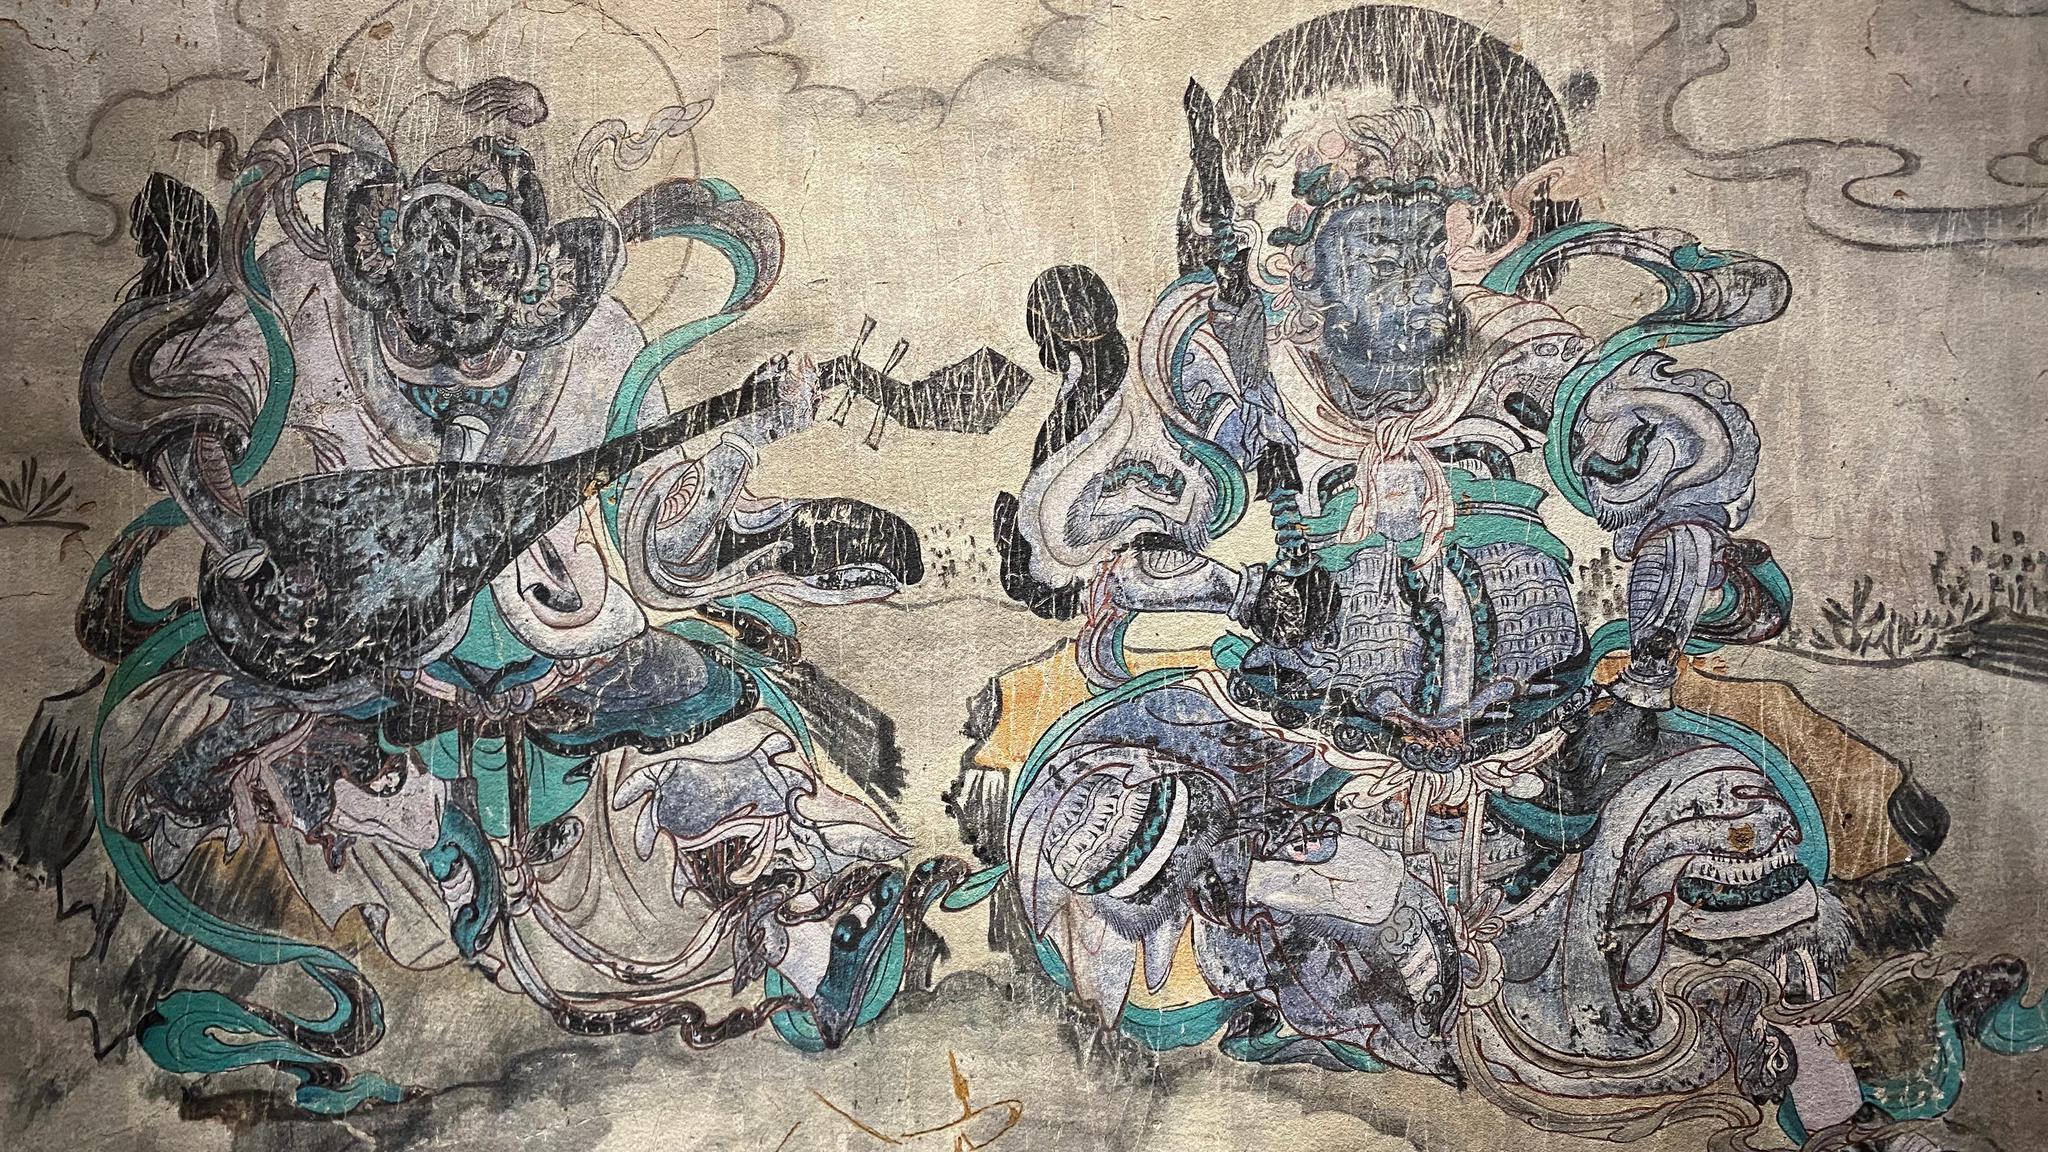 内蒙古鄂尔多斯阿尔寨石窟的元代壁画